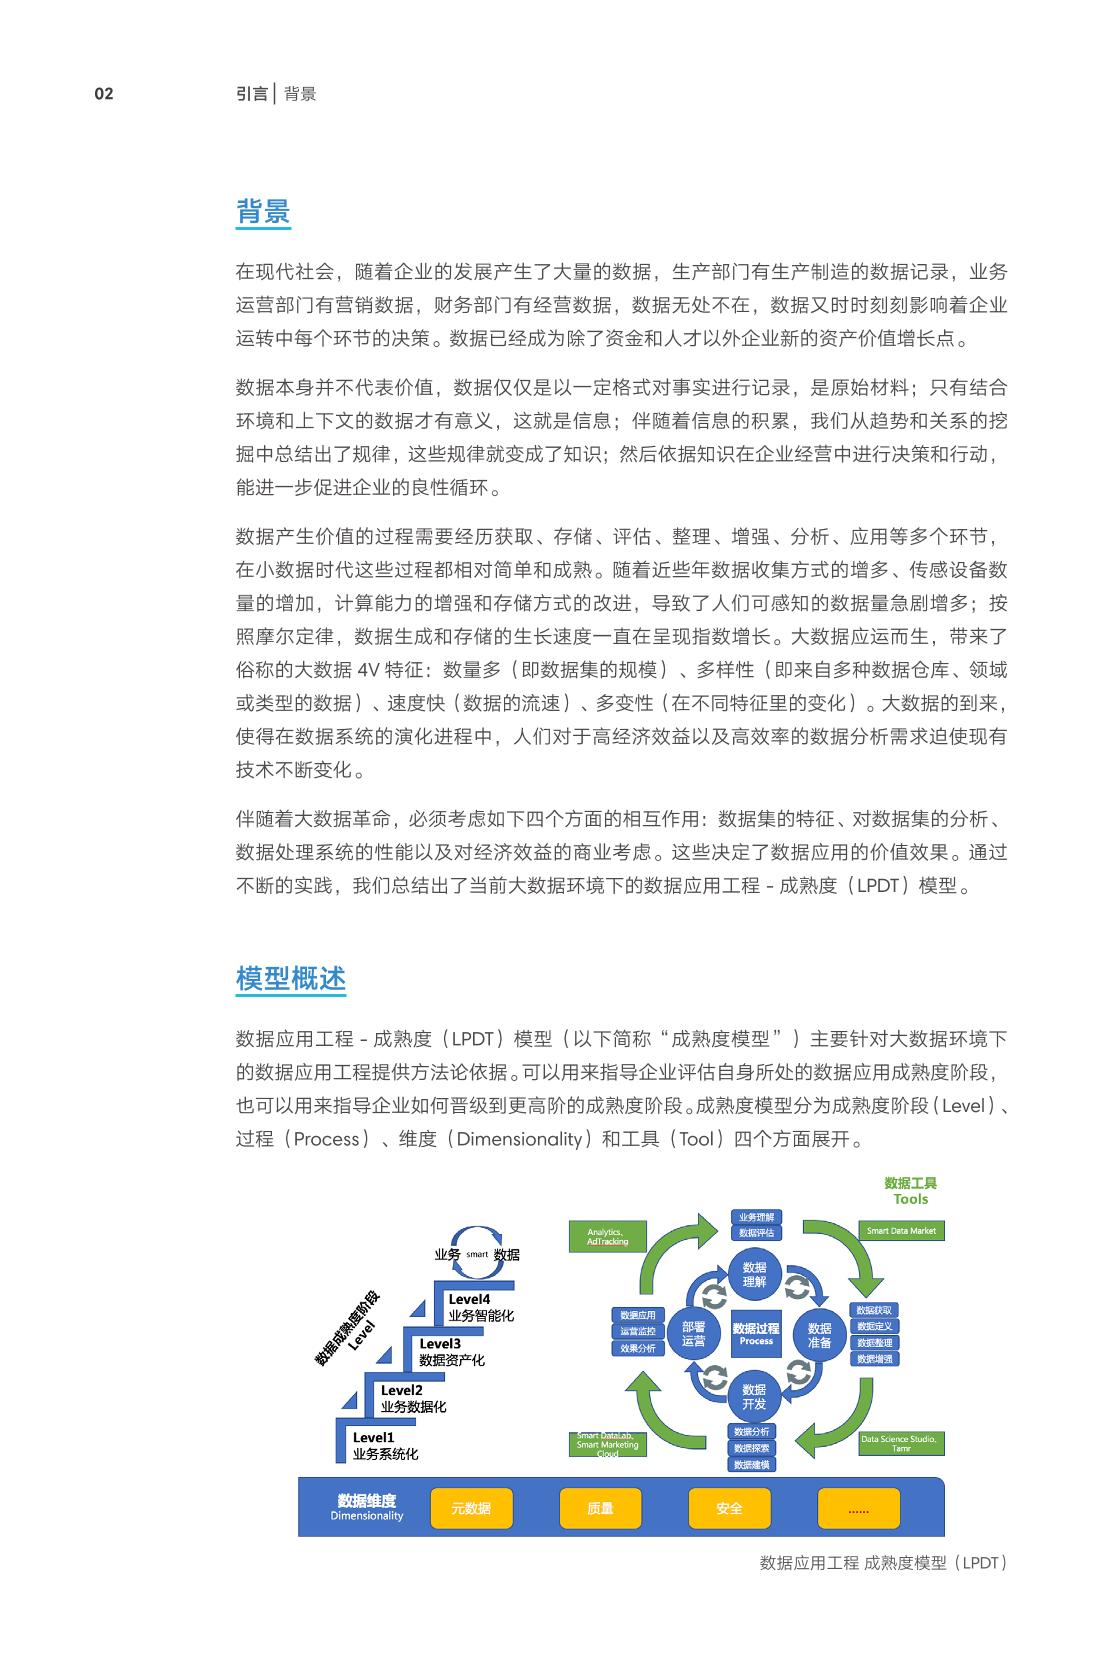 数据应用工程2_1530094883390-7